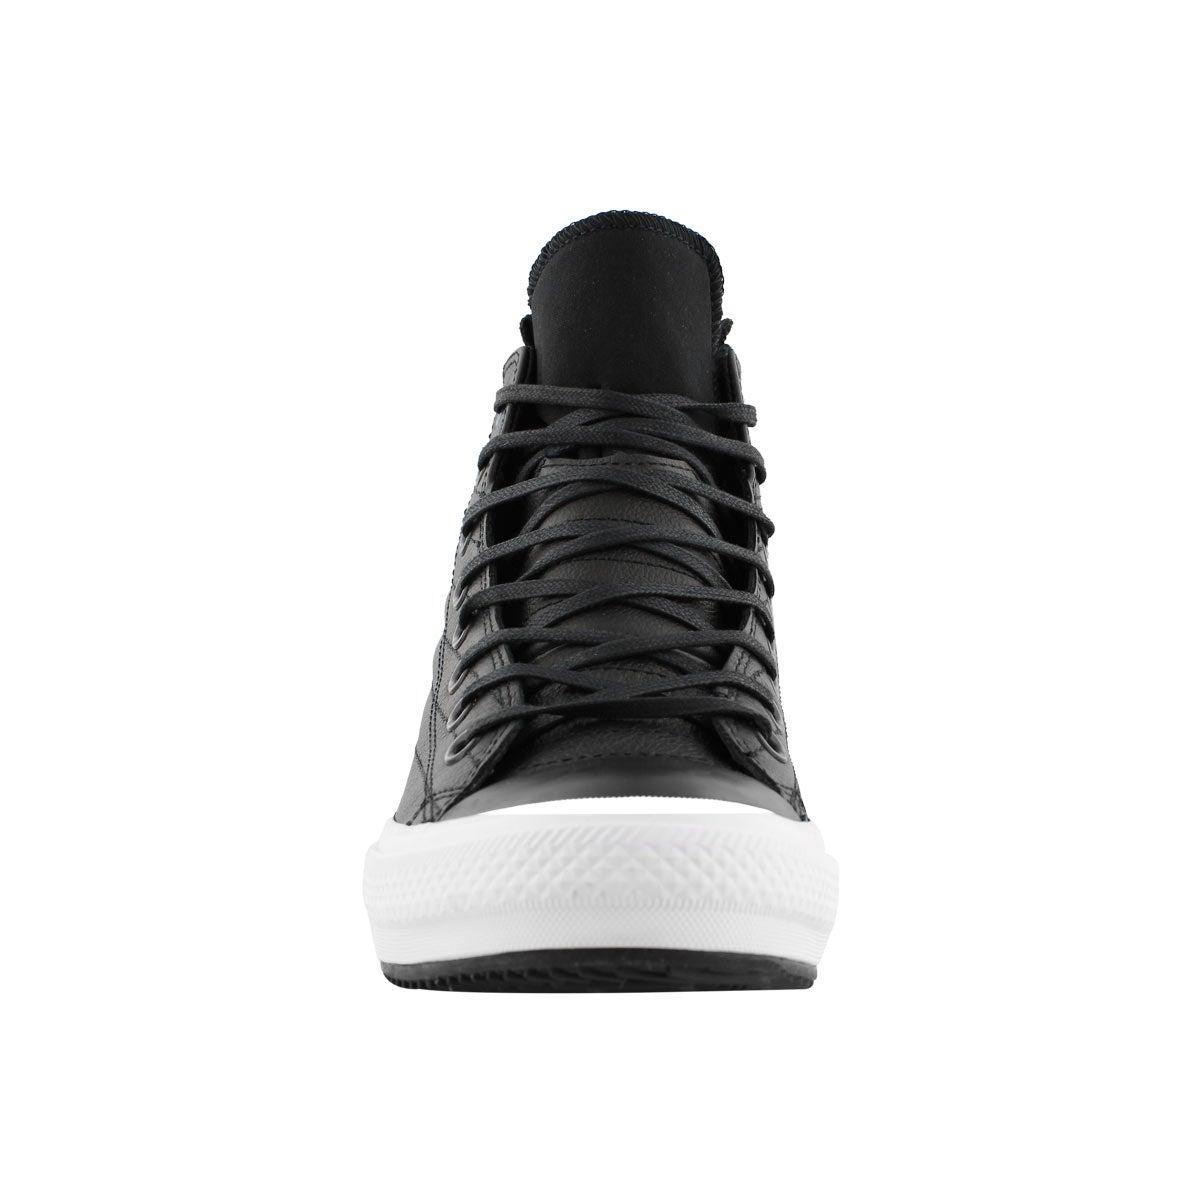 Mns CT Waterproof Hi black/blue boot